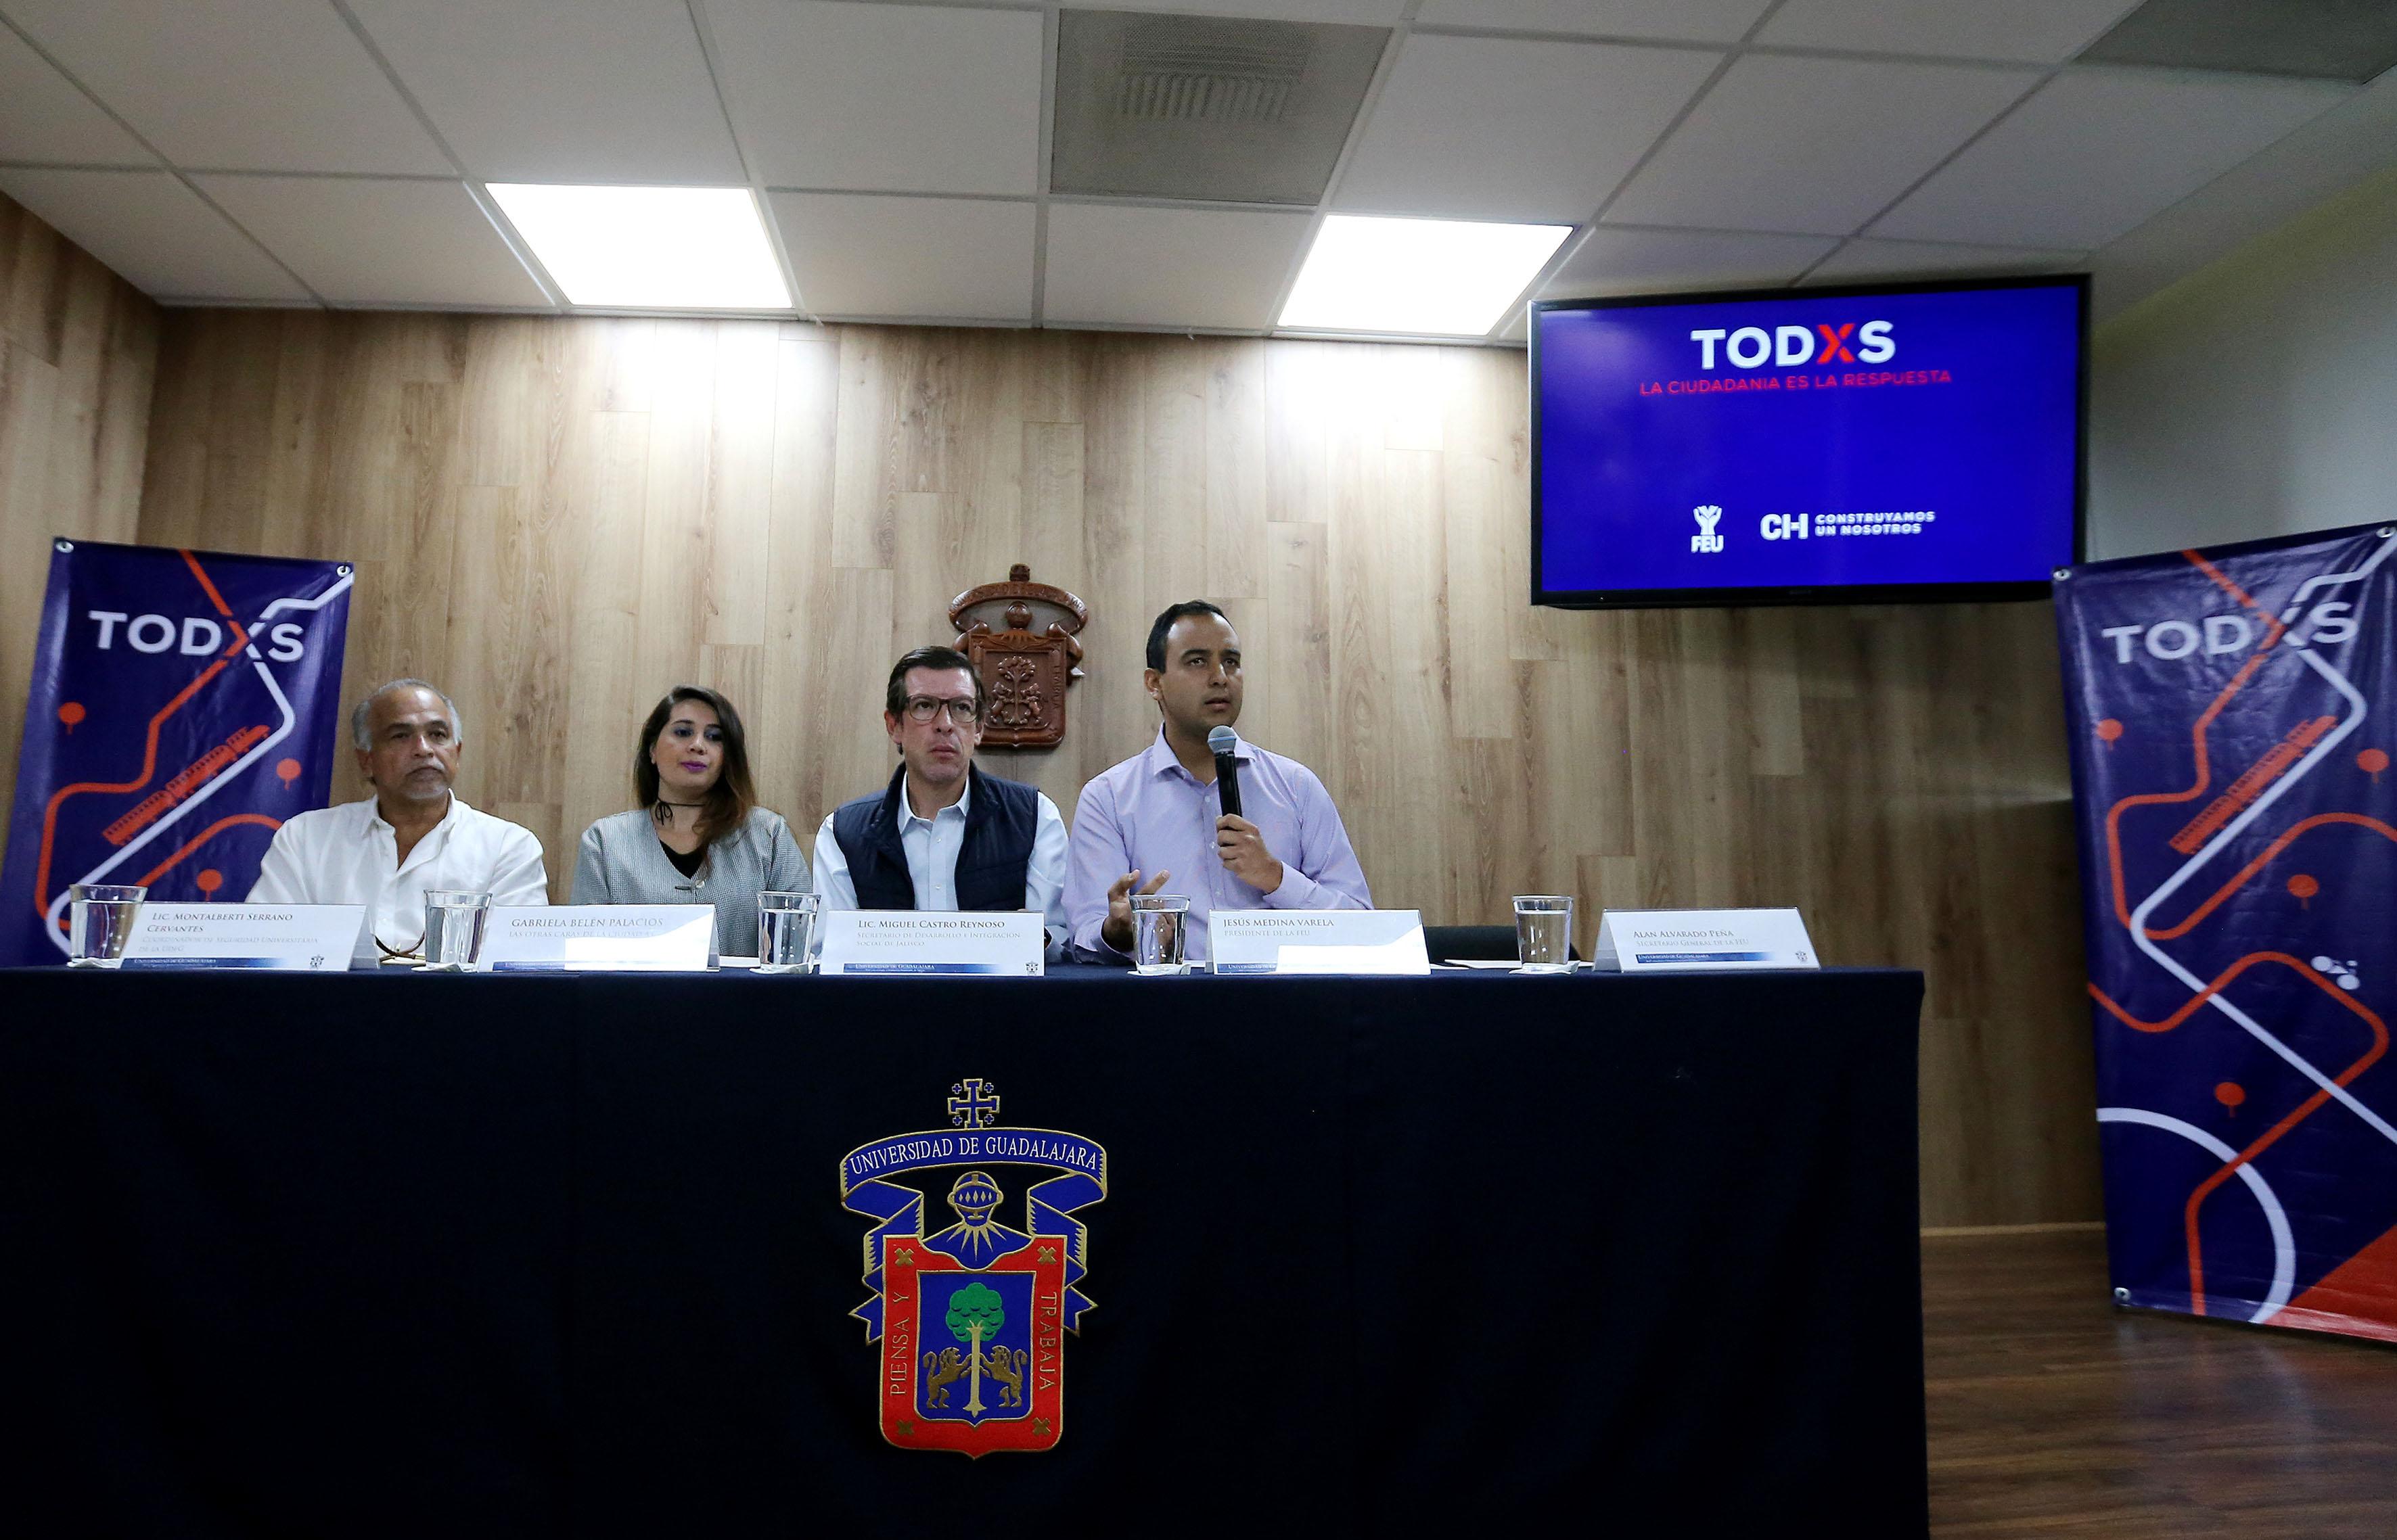 Presidente de la FEU, Jesús Arturo Medina Varela, con micrófono en mano haciendo uso de la palabra.